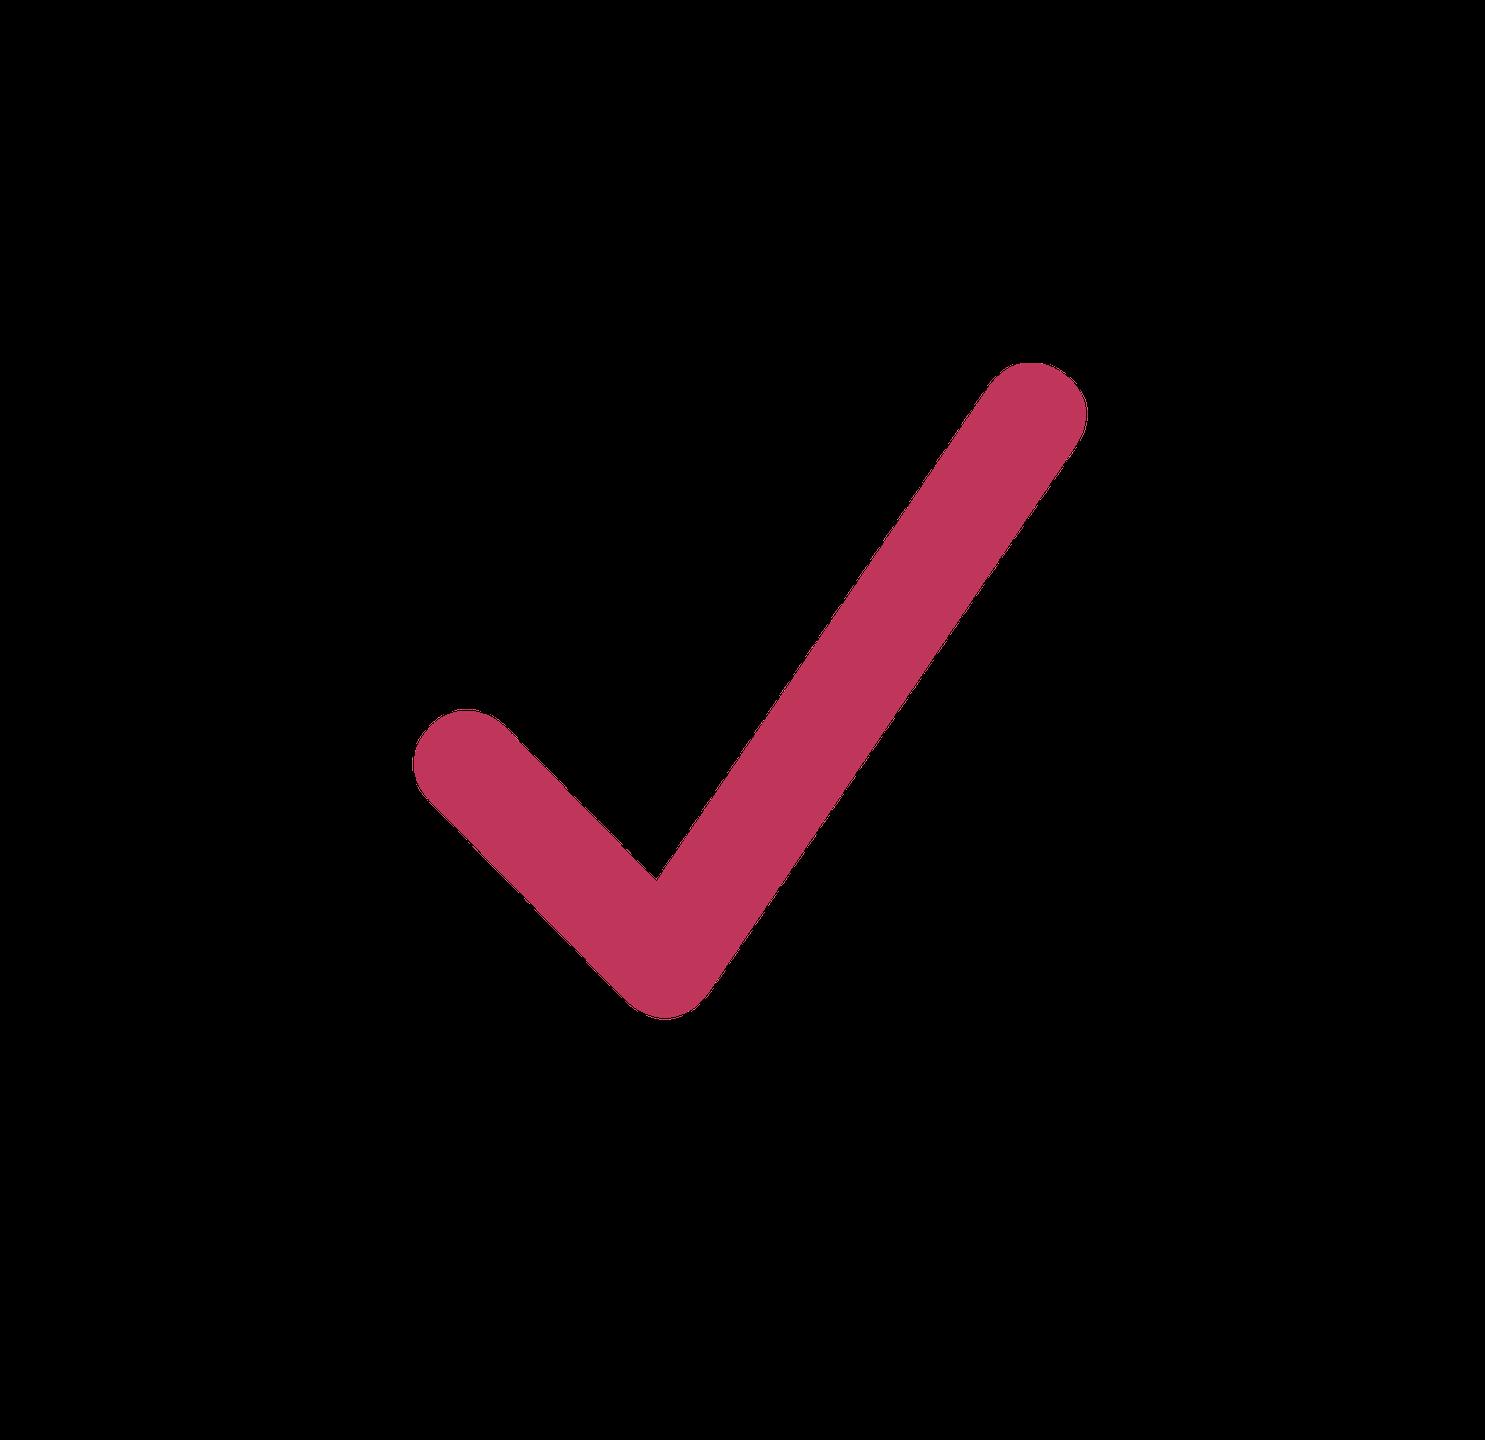 Technique Icon